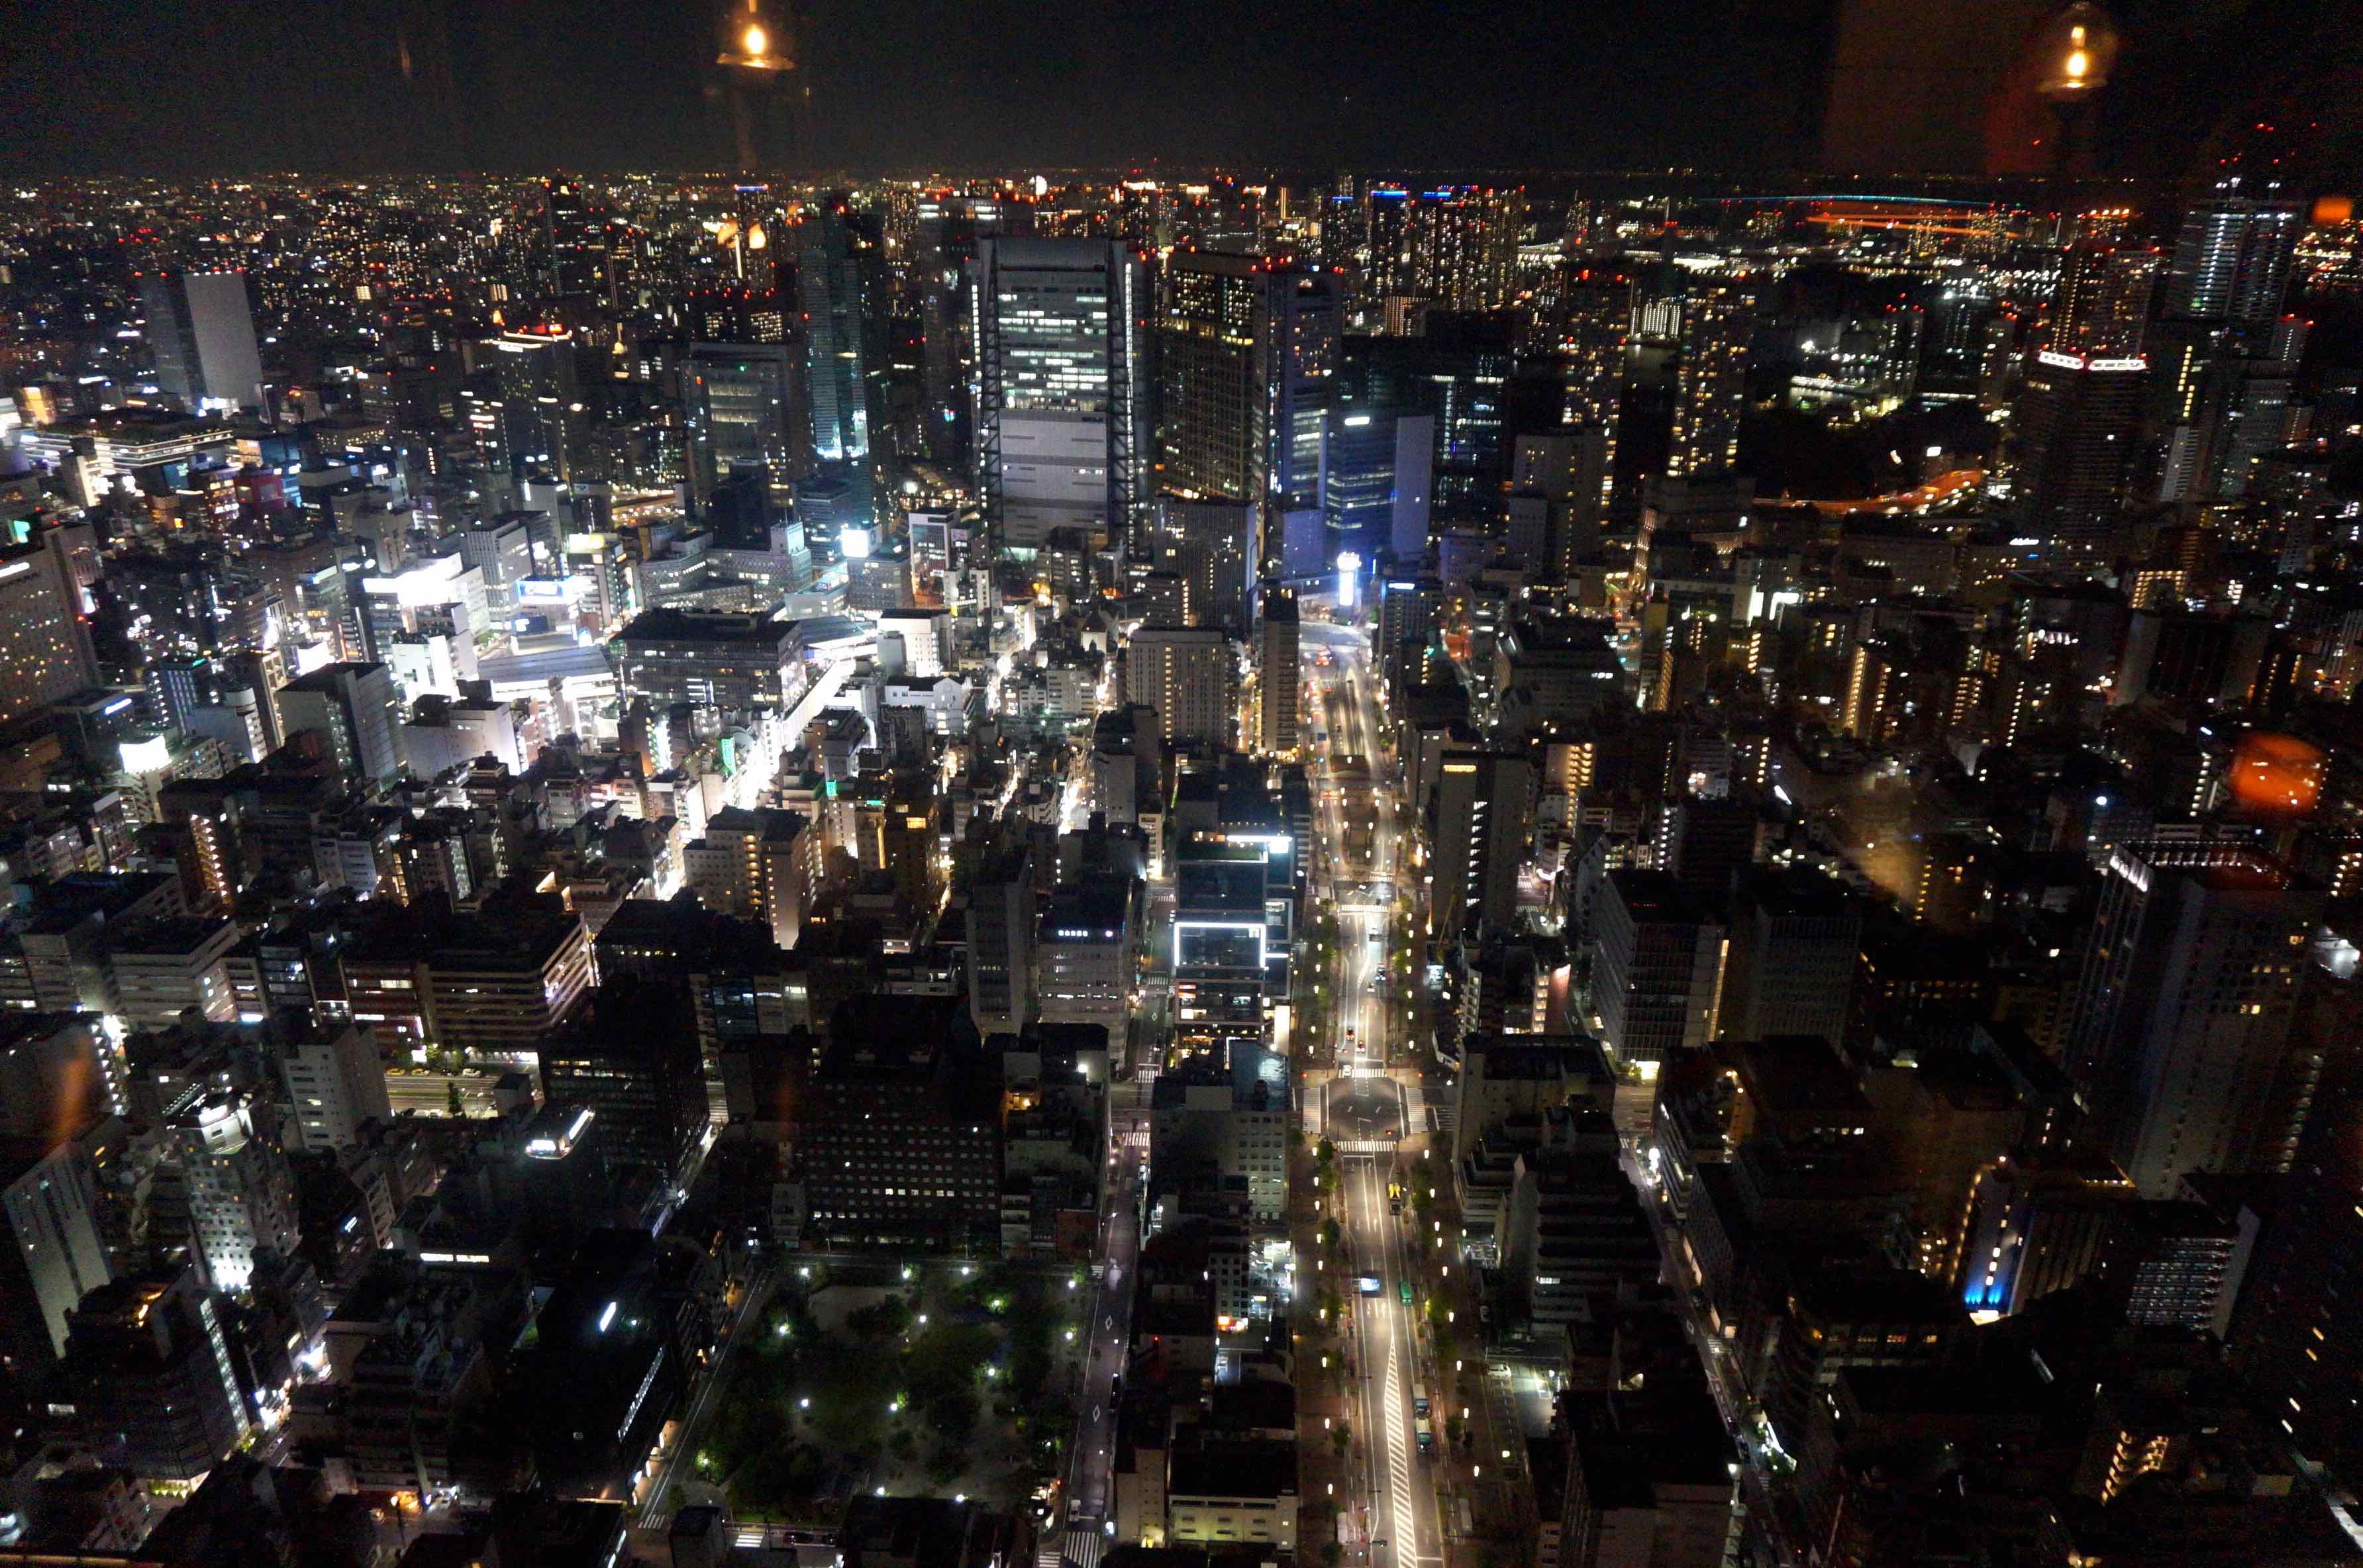 vue de nuit, tokyo, rooftop bar